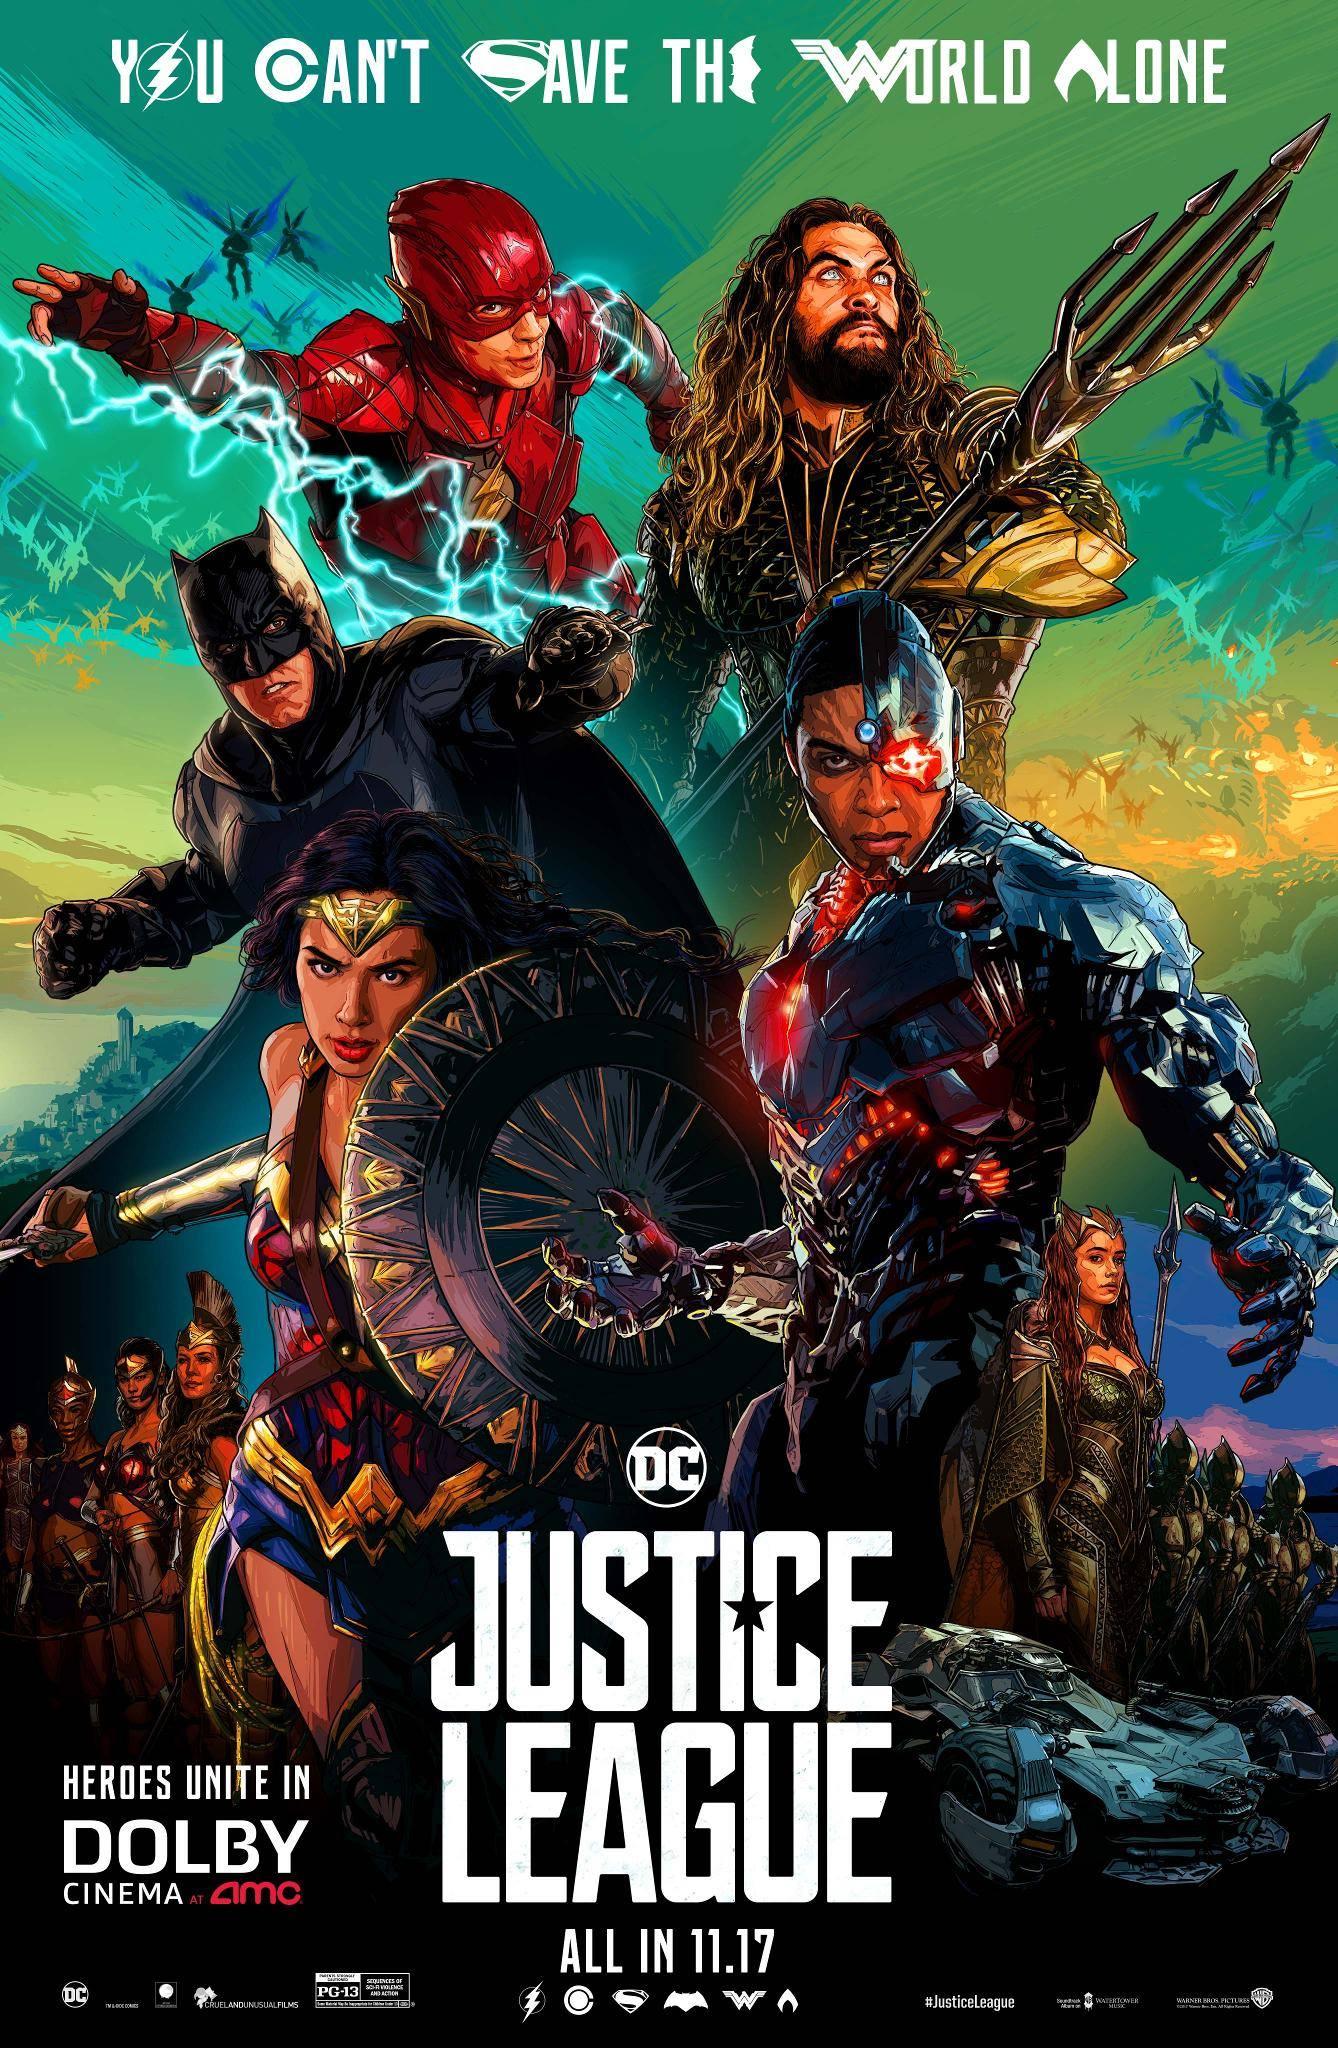 justice-league-affiche-amc